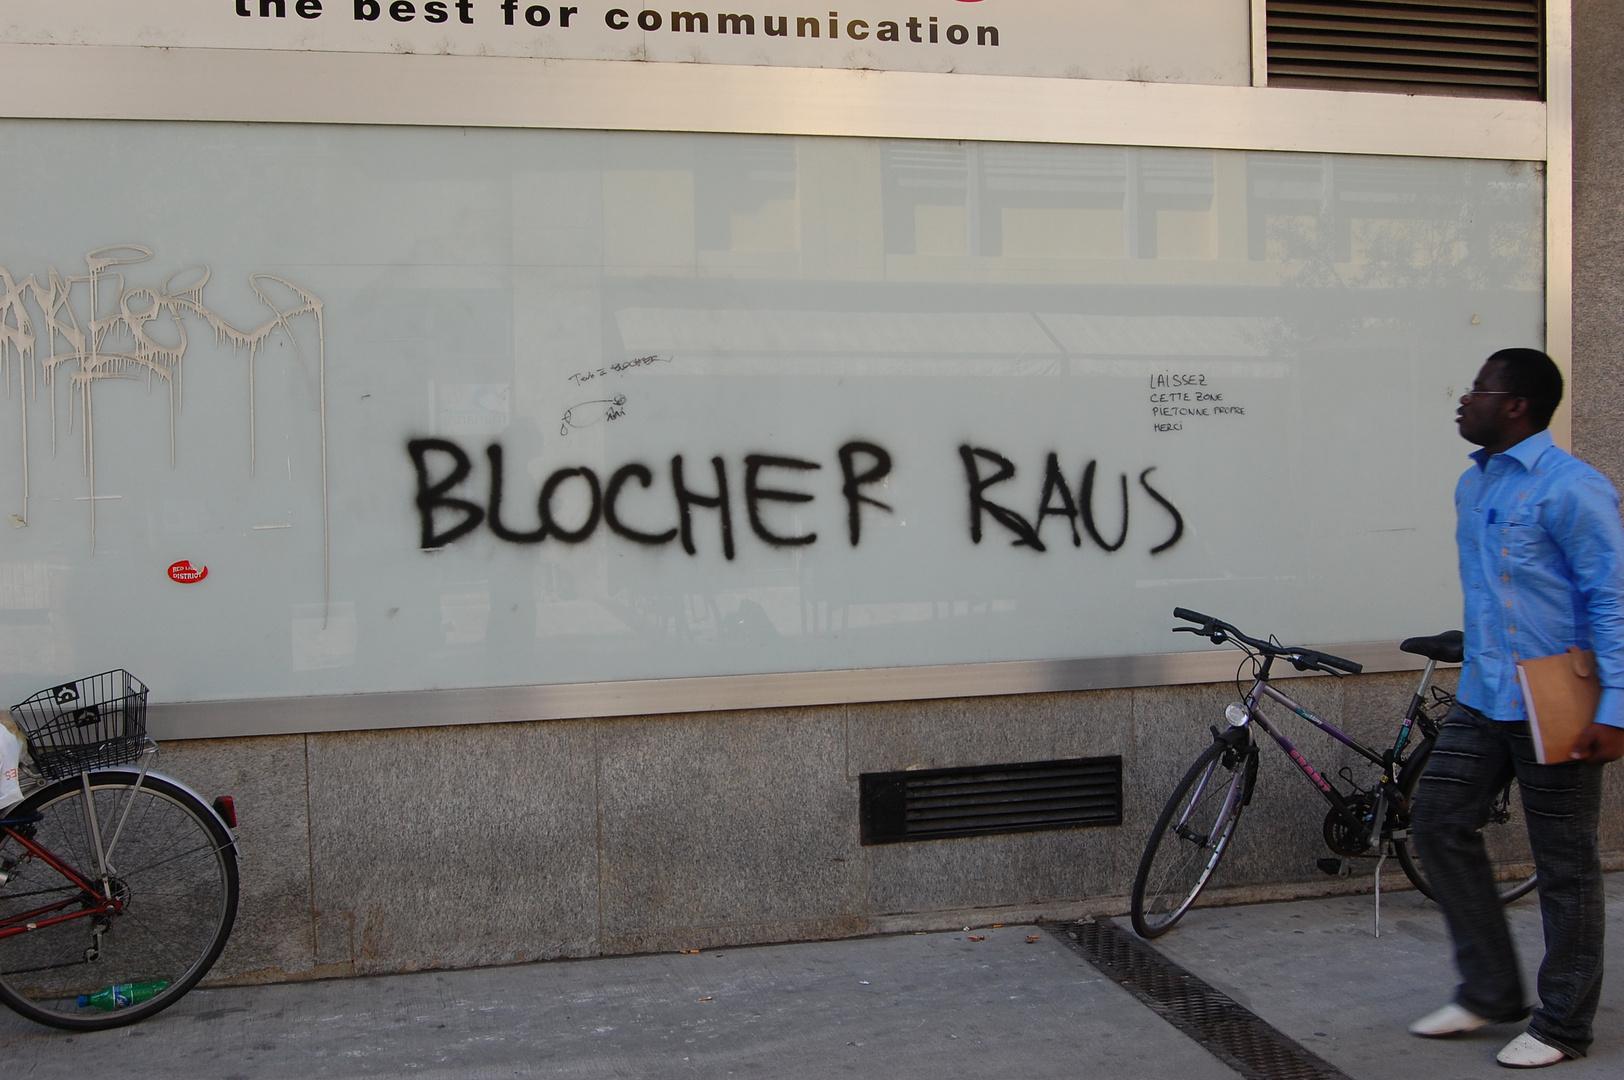 Blocher raus